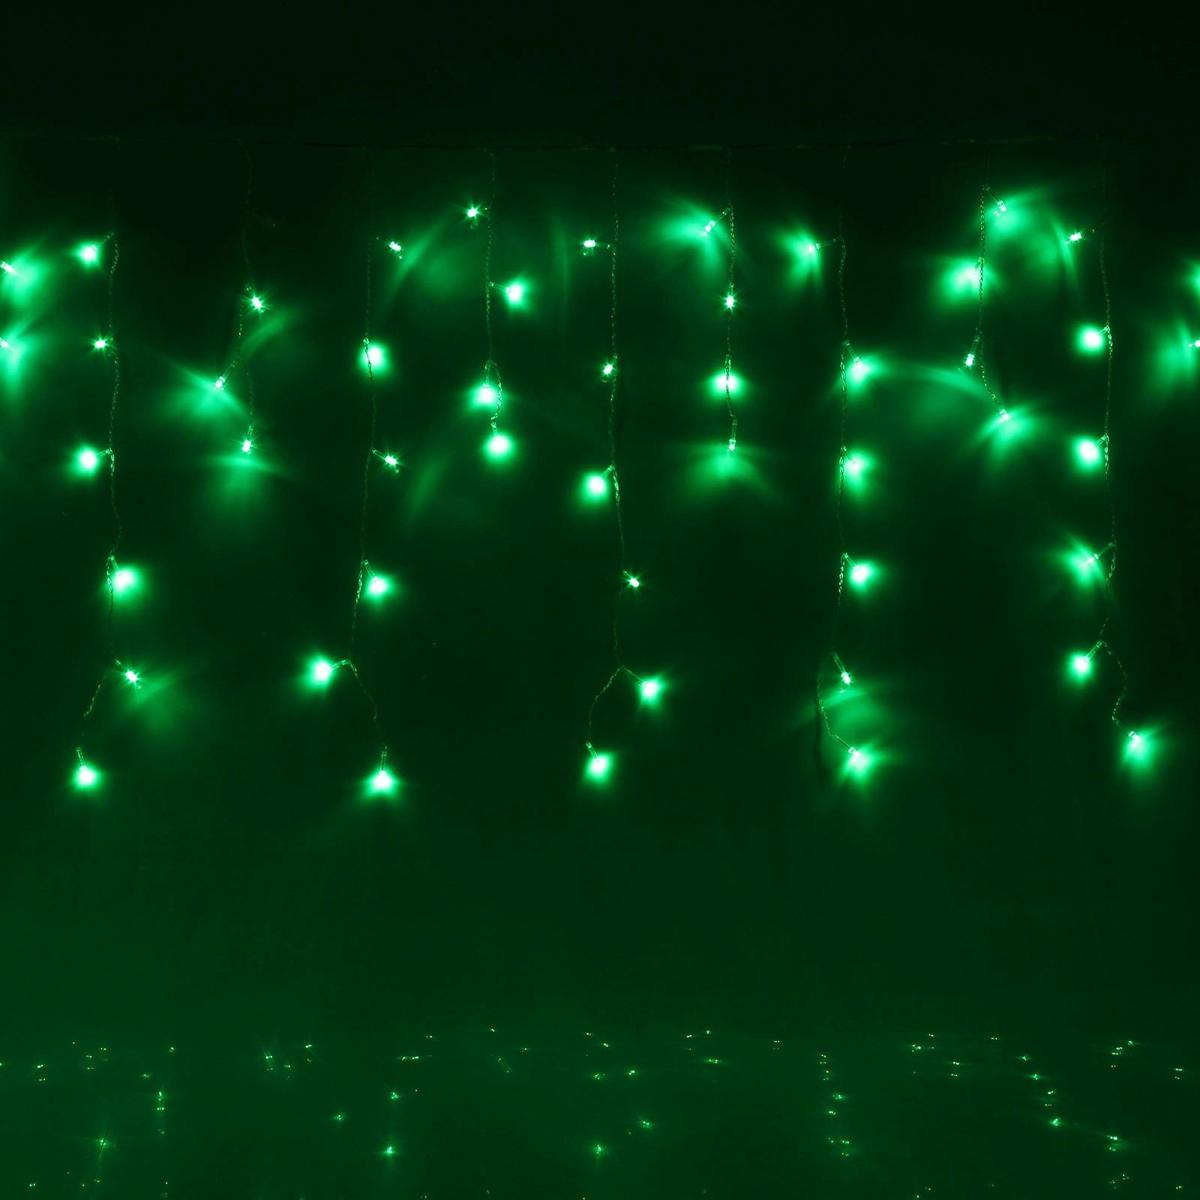 Гирлянда светодиодная Luazon Бахрома, 8 режимов, 60 ламп, 220 V, цвет: зеленый, 1,2 х 0,6 м. 671608671608Светодиодные гирлянды, ленты и т.д — это отличный вариант для новогоднего оформления интерьера или фасада. С их помощью помещение любого размера можно превратить в праздничный зал, а внешние элементы зданий, украшенные ими, мгновенно станут напоминать очертания сказочного дворца. Такие украшения создают ауру предвкушения чуда. Деревья, фасады, витрины, окна и арки будто специально созданы, чтобы вы украсили их светящимися нитями.